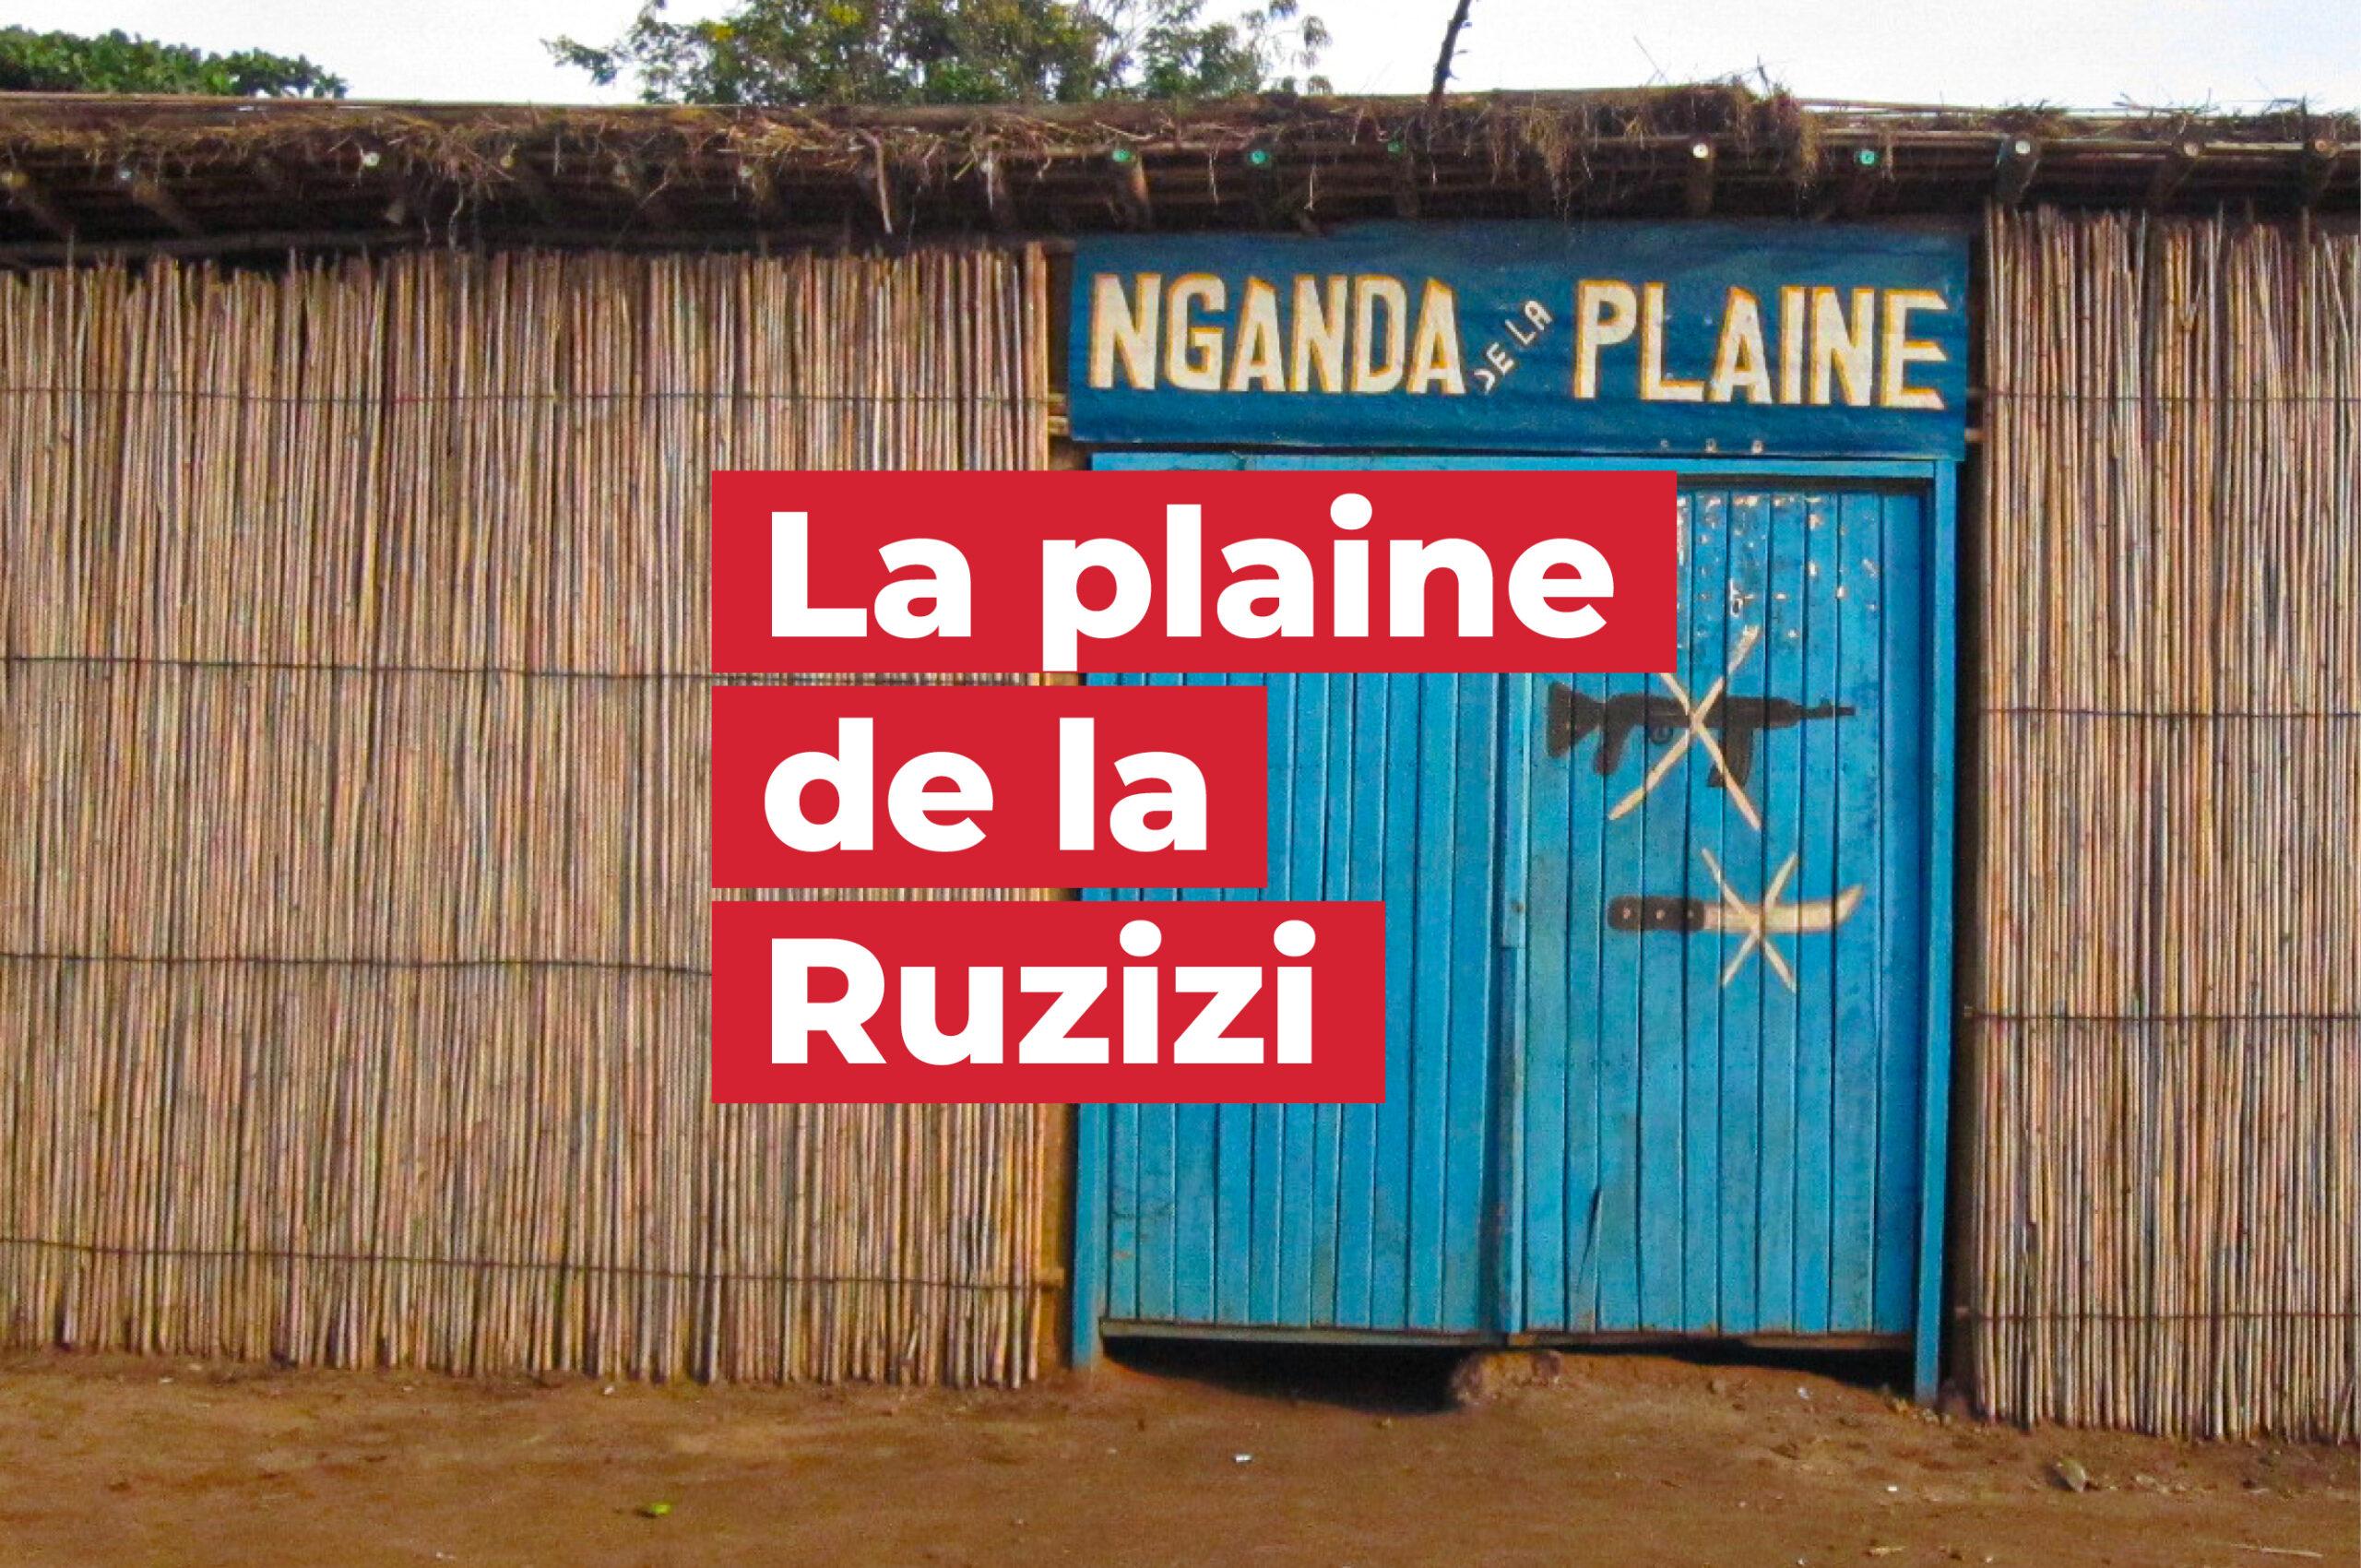 03_GIC_La plaine de la Ruzizi_FR_2